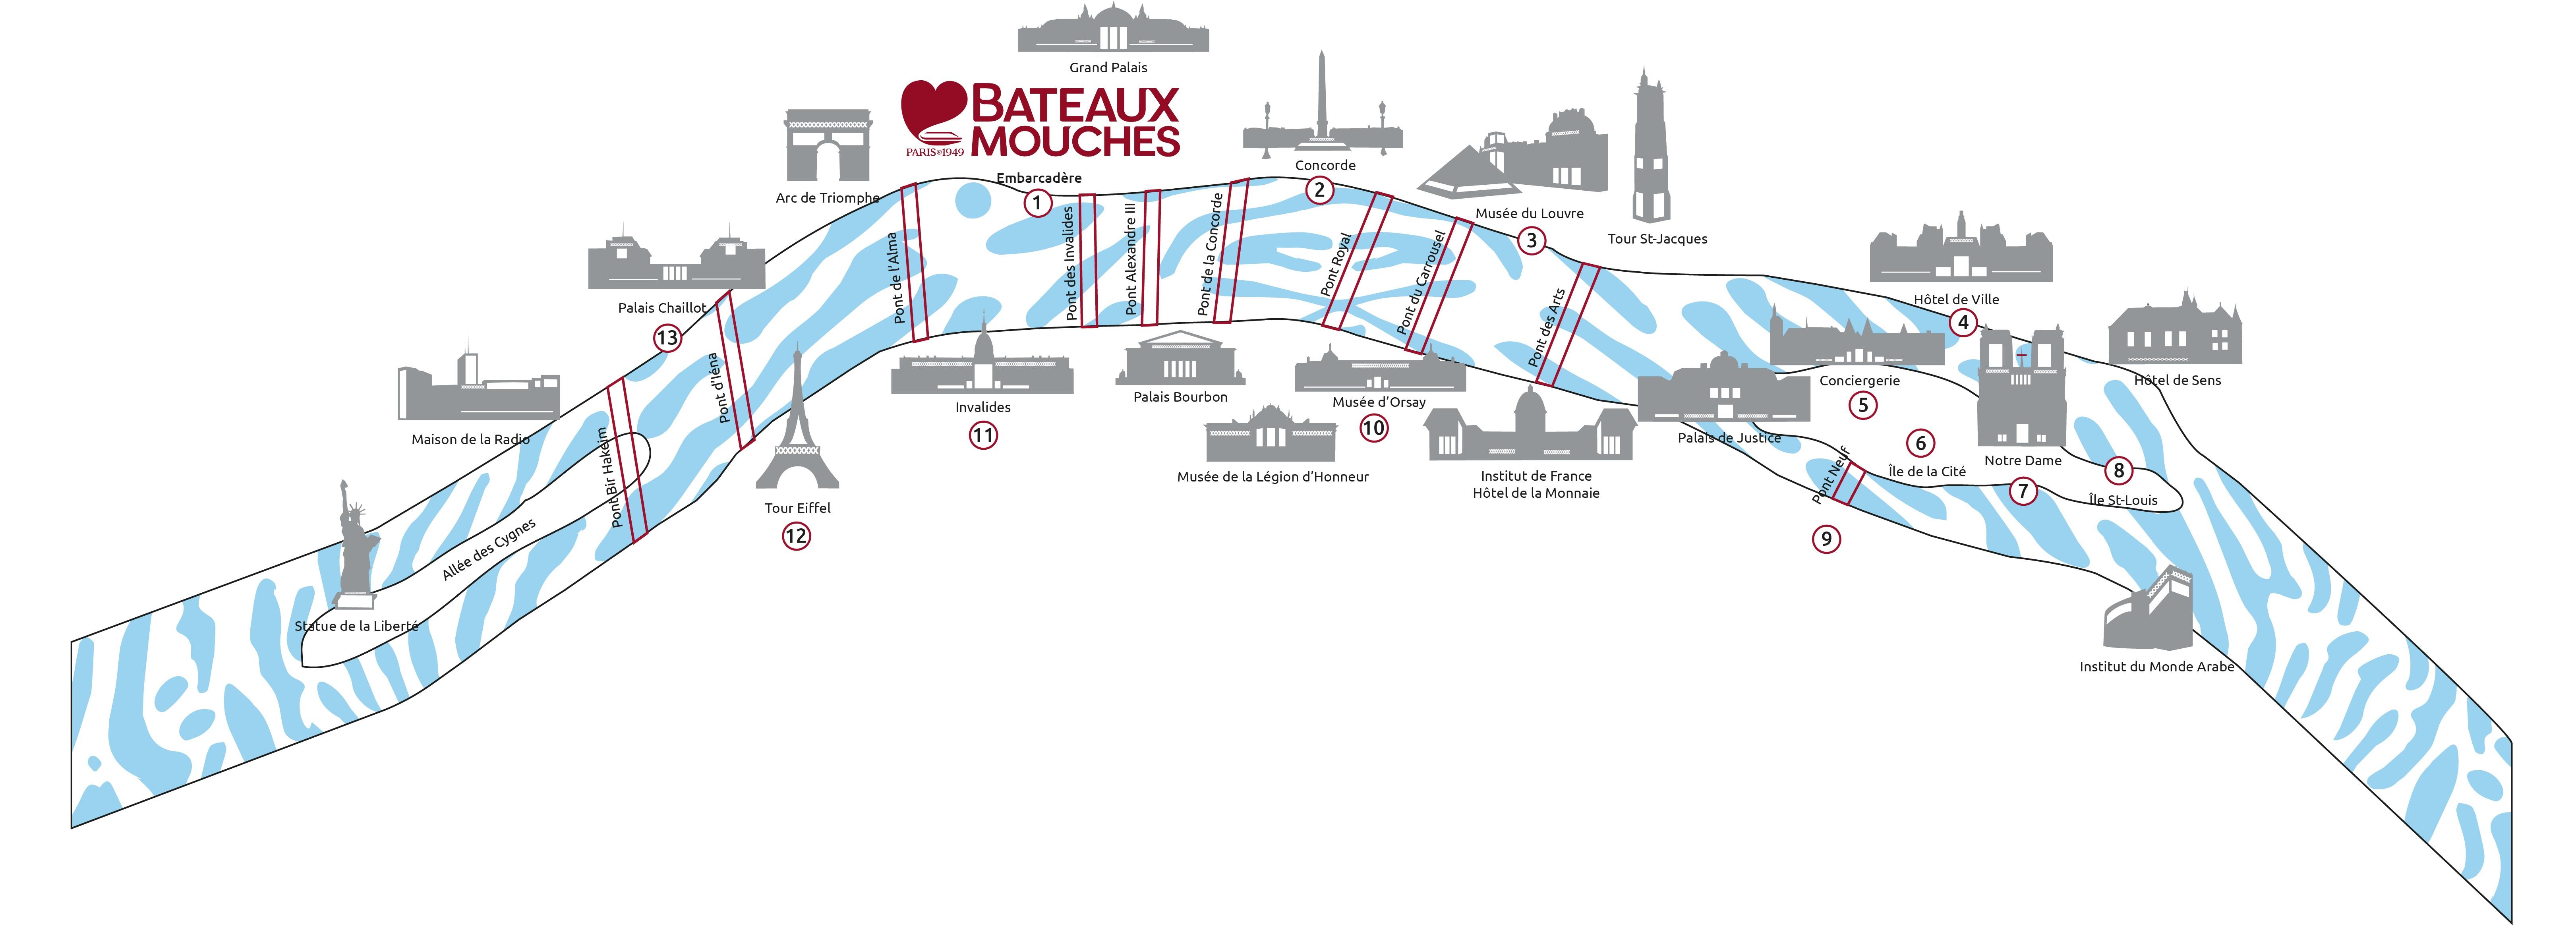 Célèbre Cruise times, duration, prices and routes | Bateaux Mouches® TM63